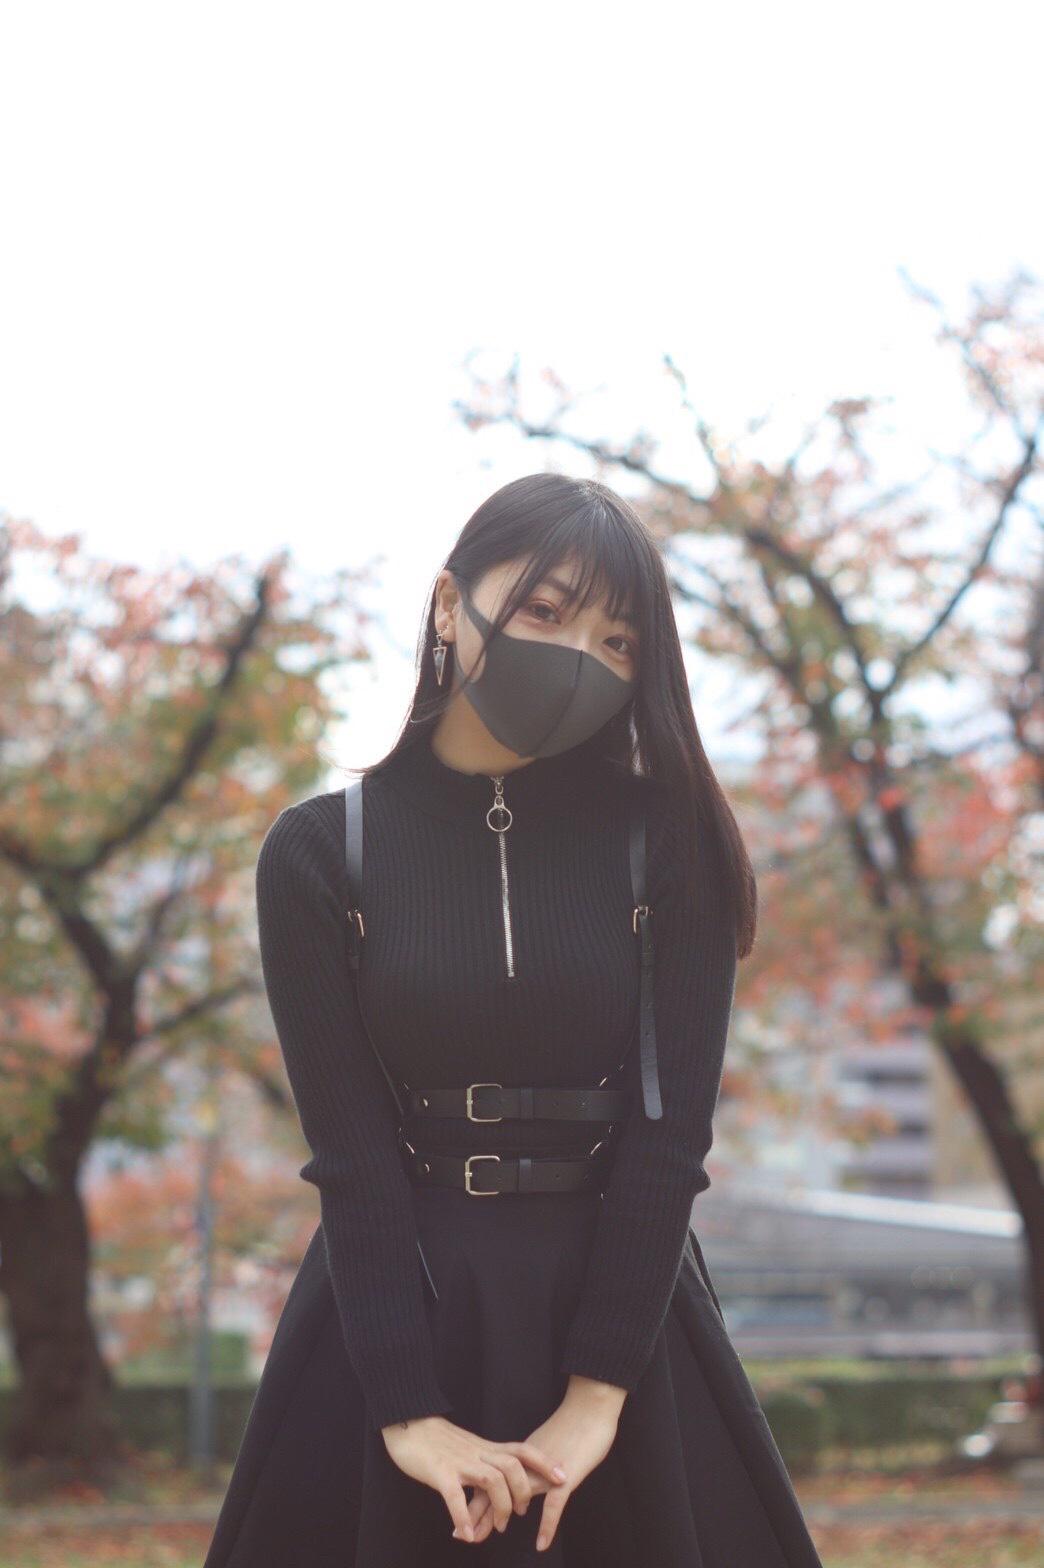 Eカップ美少女かなこちゃん18歳!